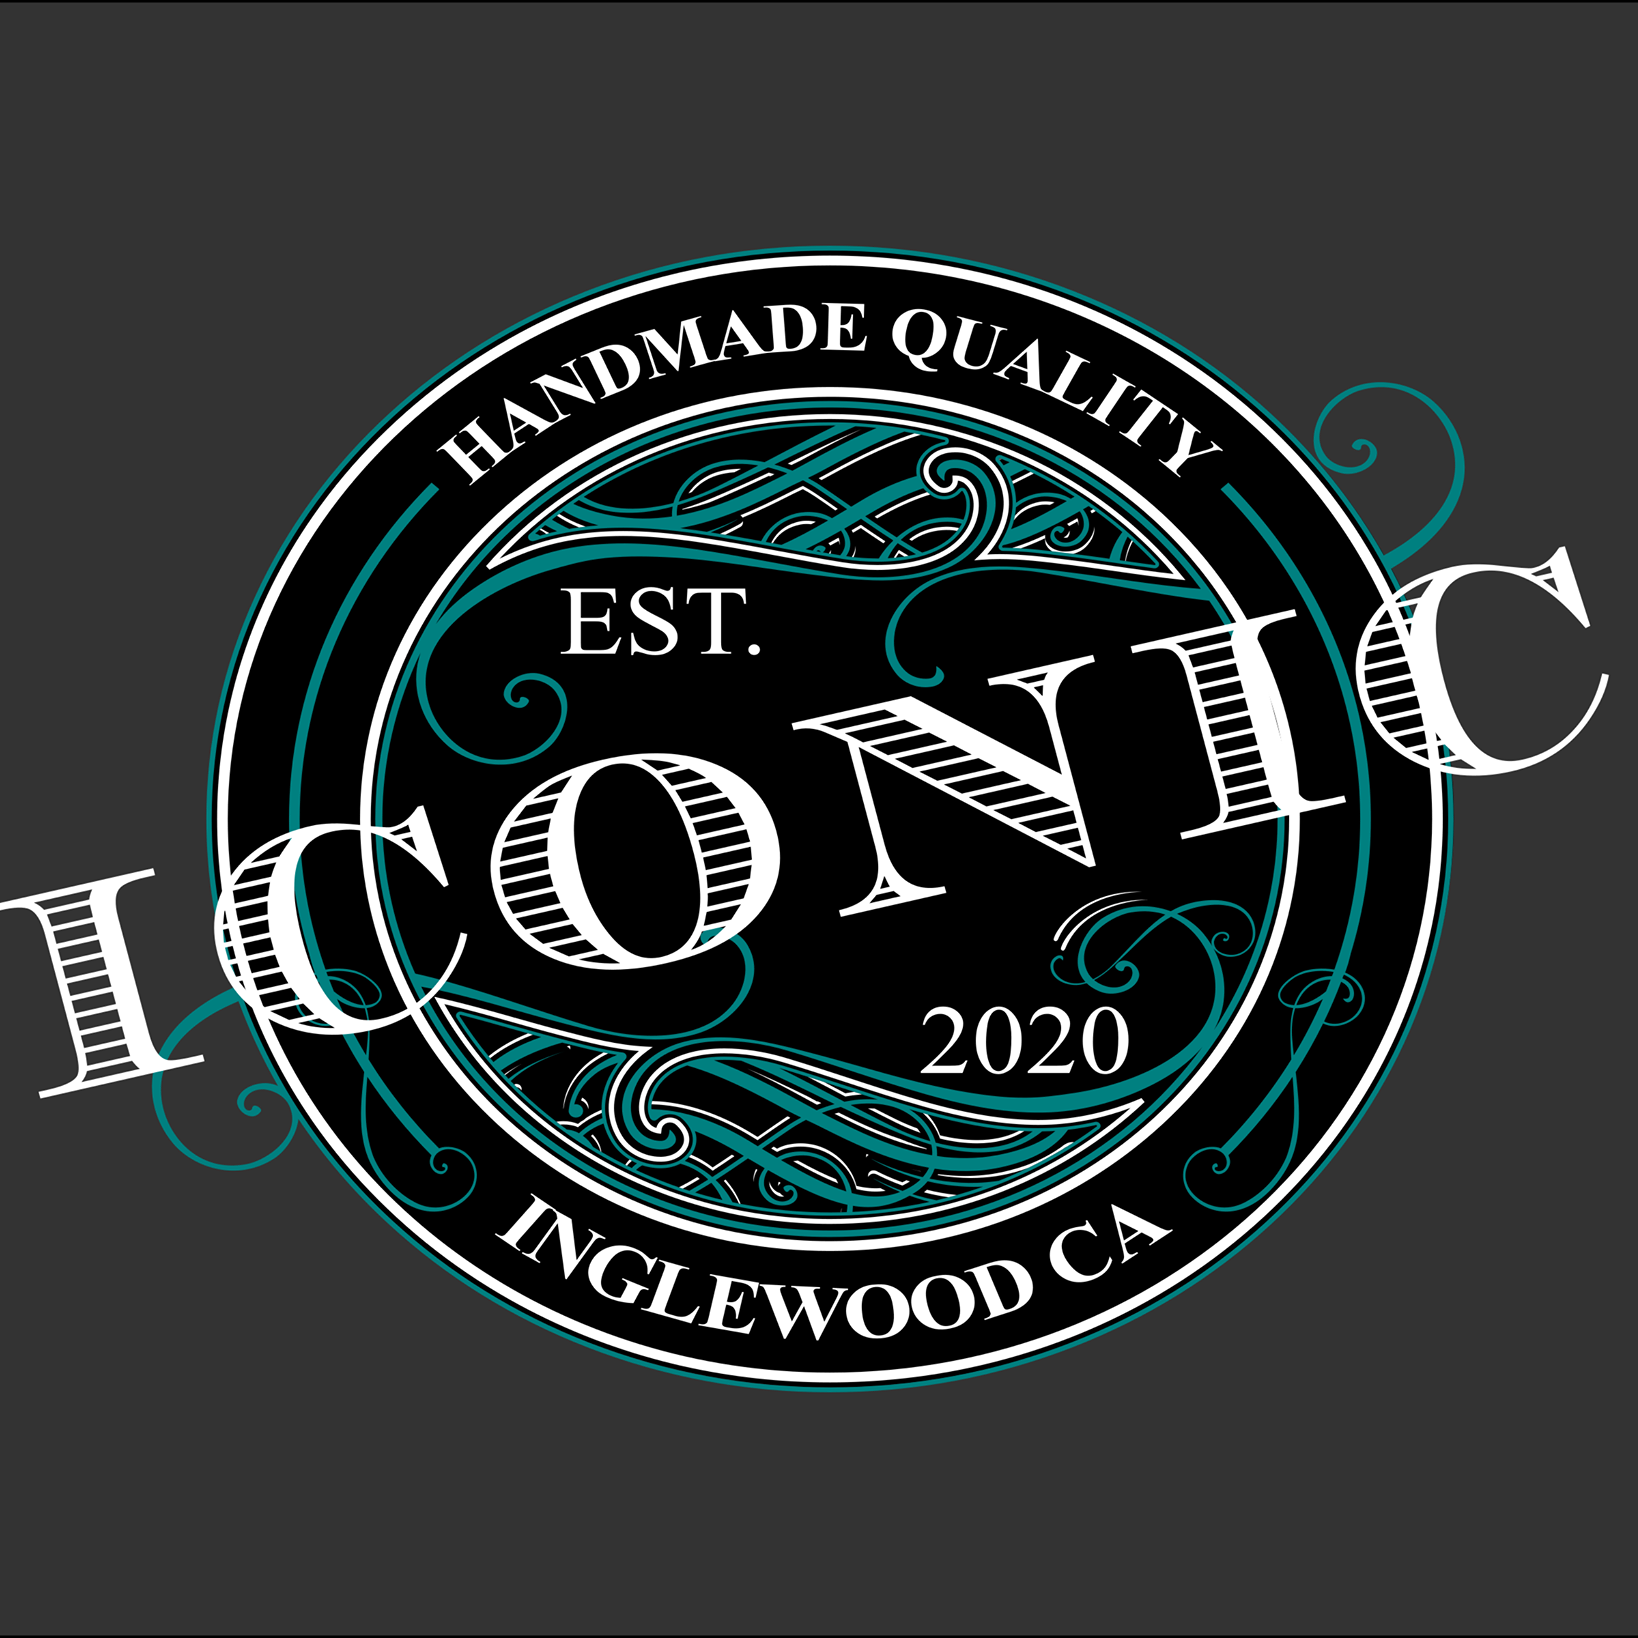 Iconic Pomade